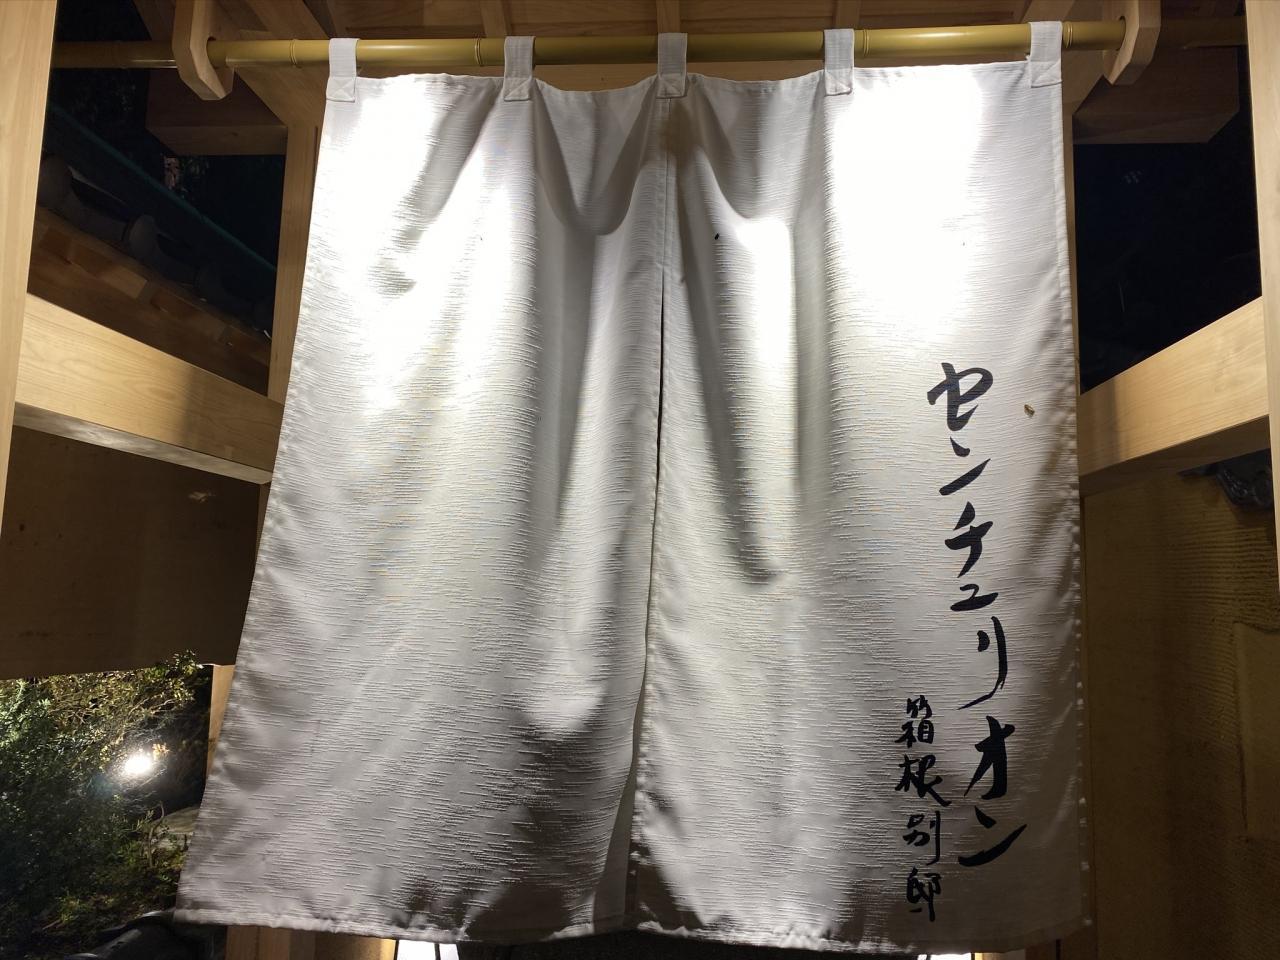 箱根 センチュリオン